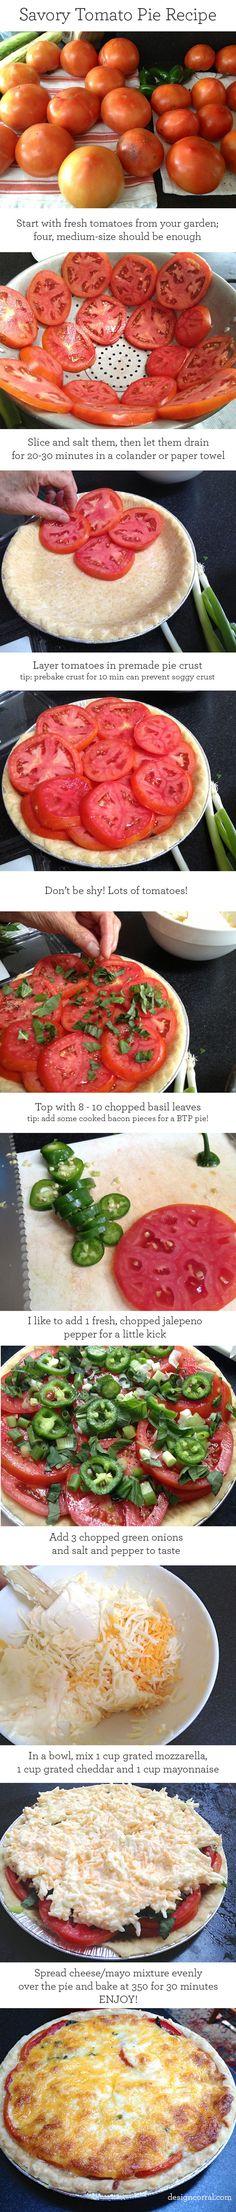 .Savory Tomato Pie Recipe